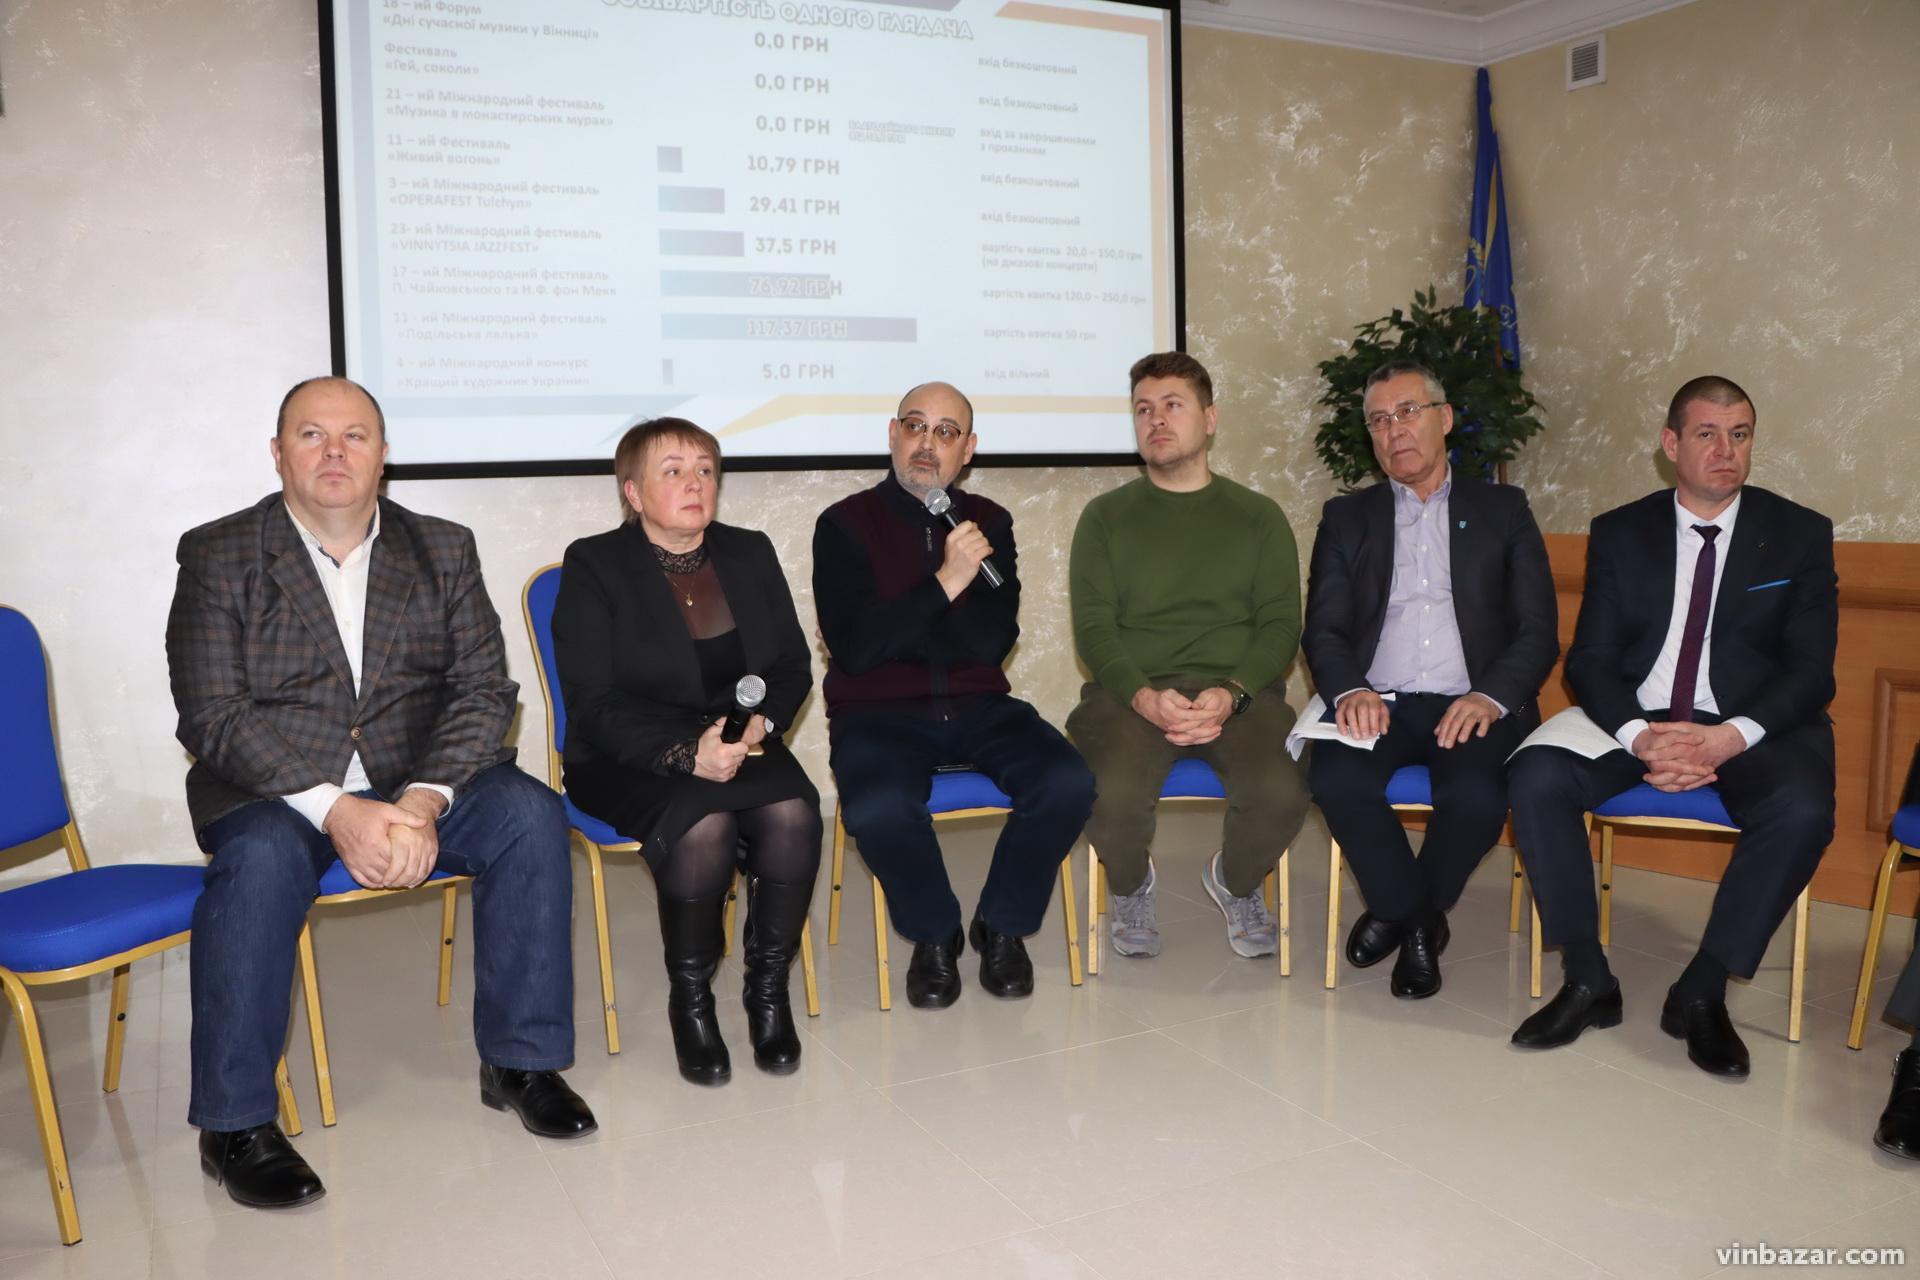 Творці Operafest Tulchyn обіцяють перевезти фестиваль, якщо обласна рада не виділить 2 мільйони (Фото)